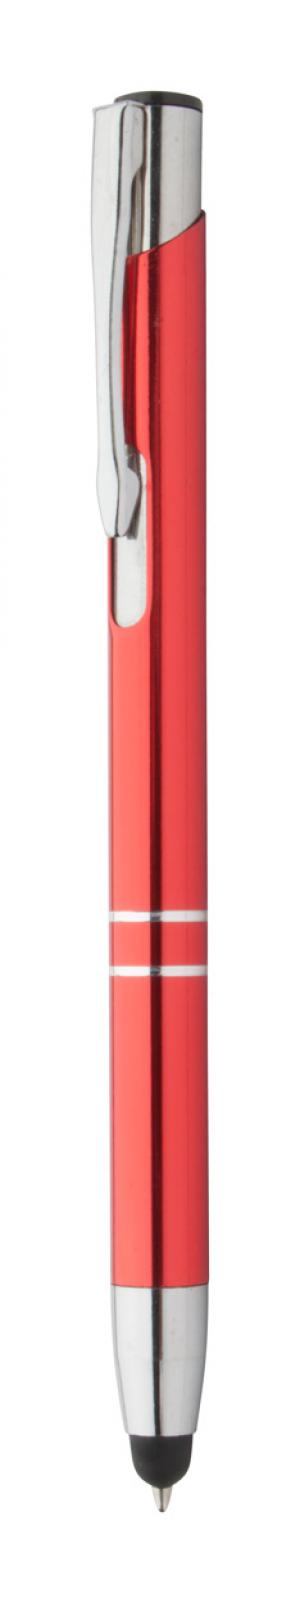 Verslo dovanos Tunnel (touch ballpoint pen)